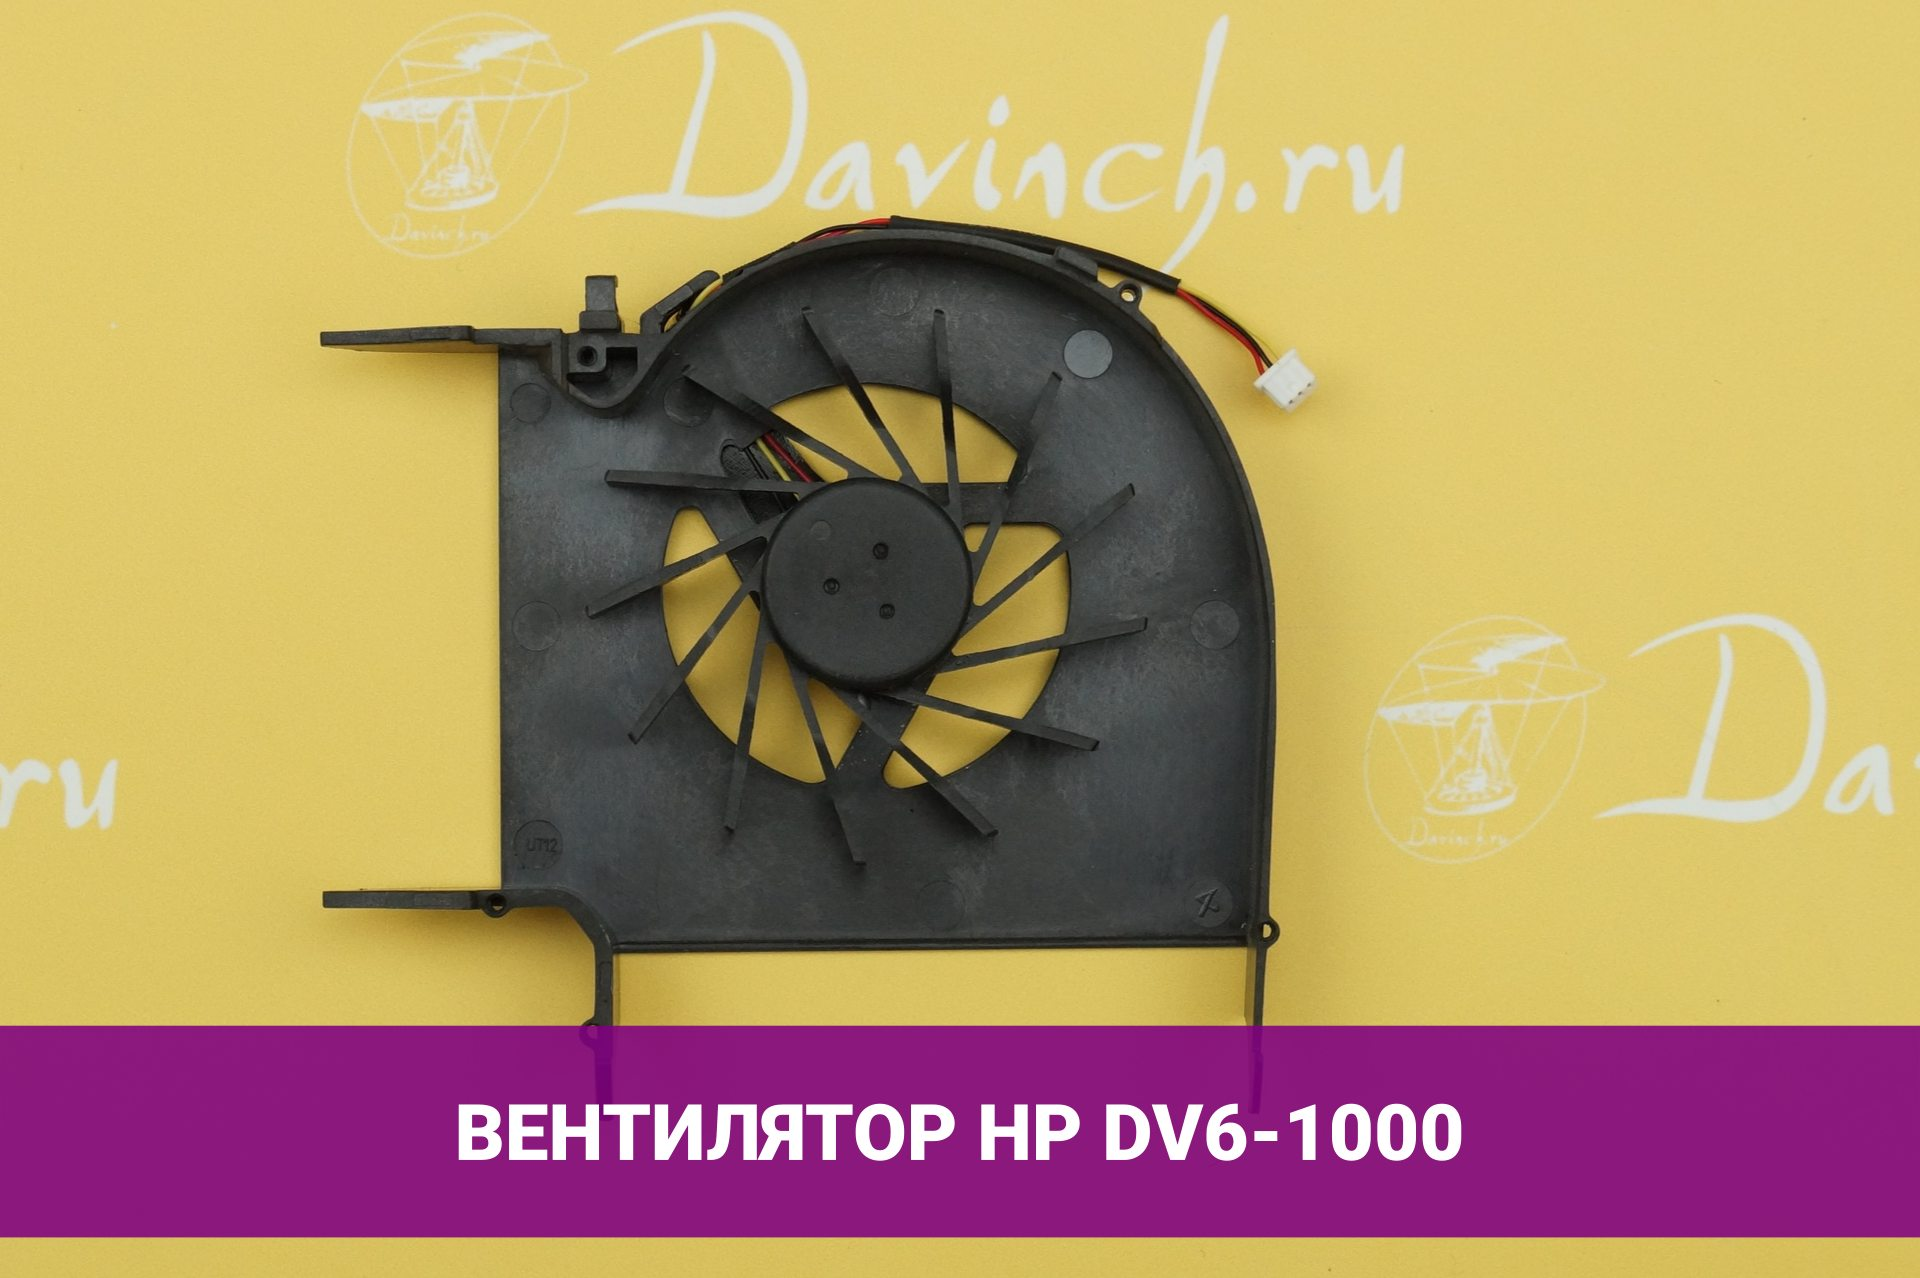 Вентилятор для ноутбука HP Pavilion dv6-1000